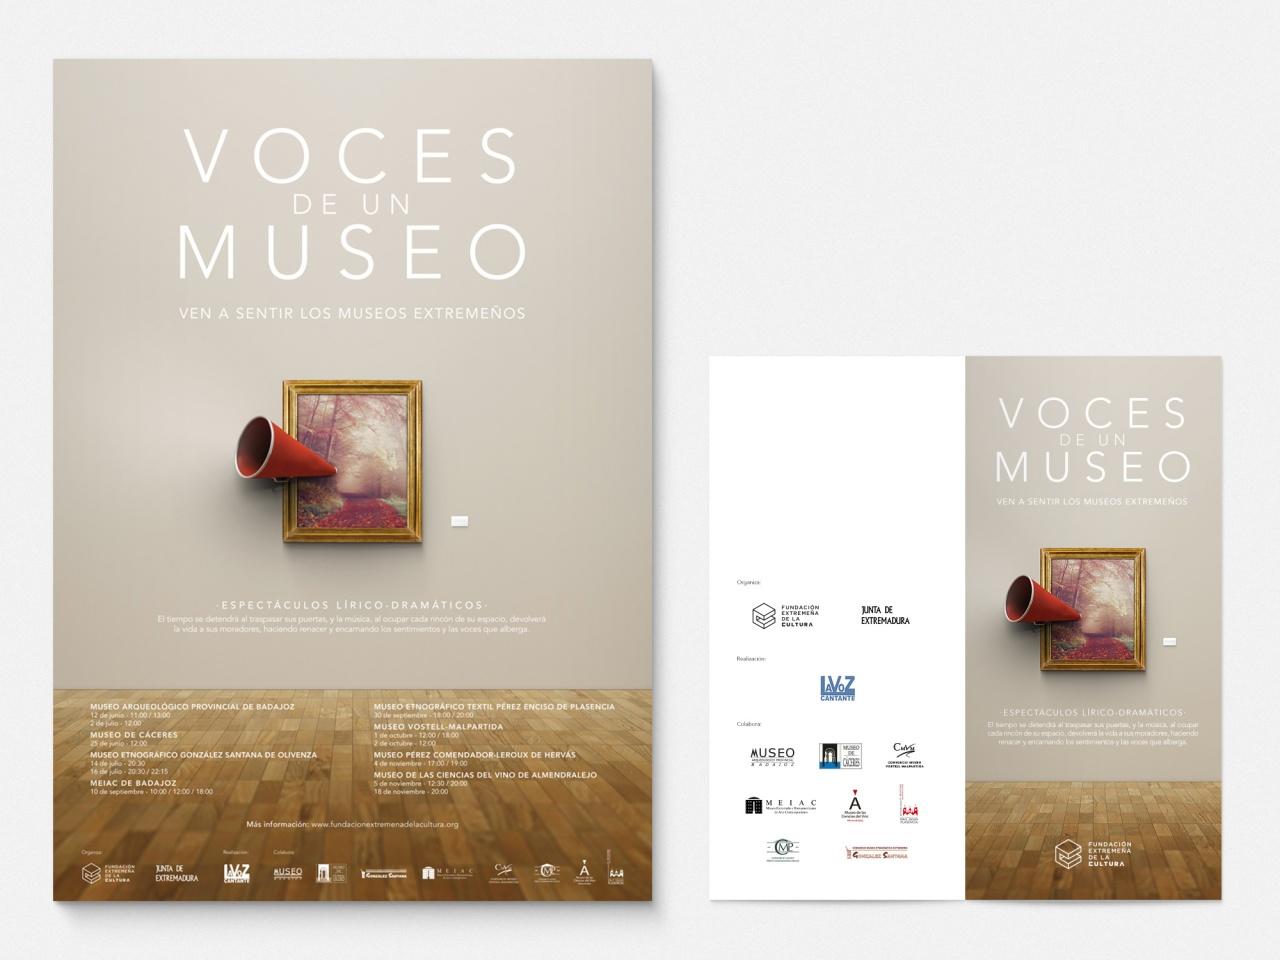 Imagen de Voces de un Museo